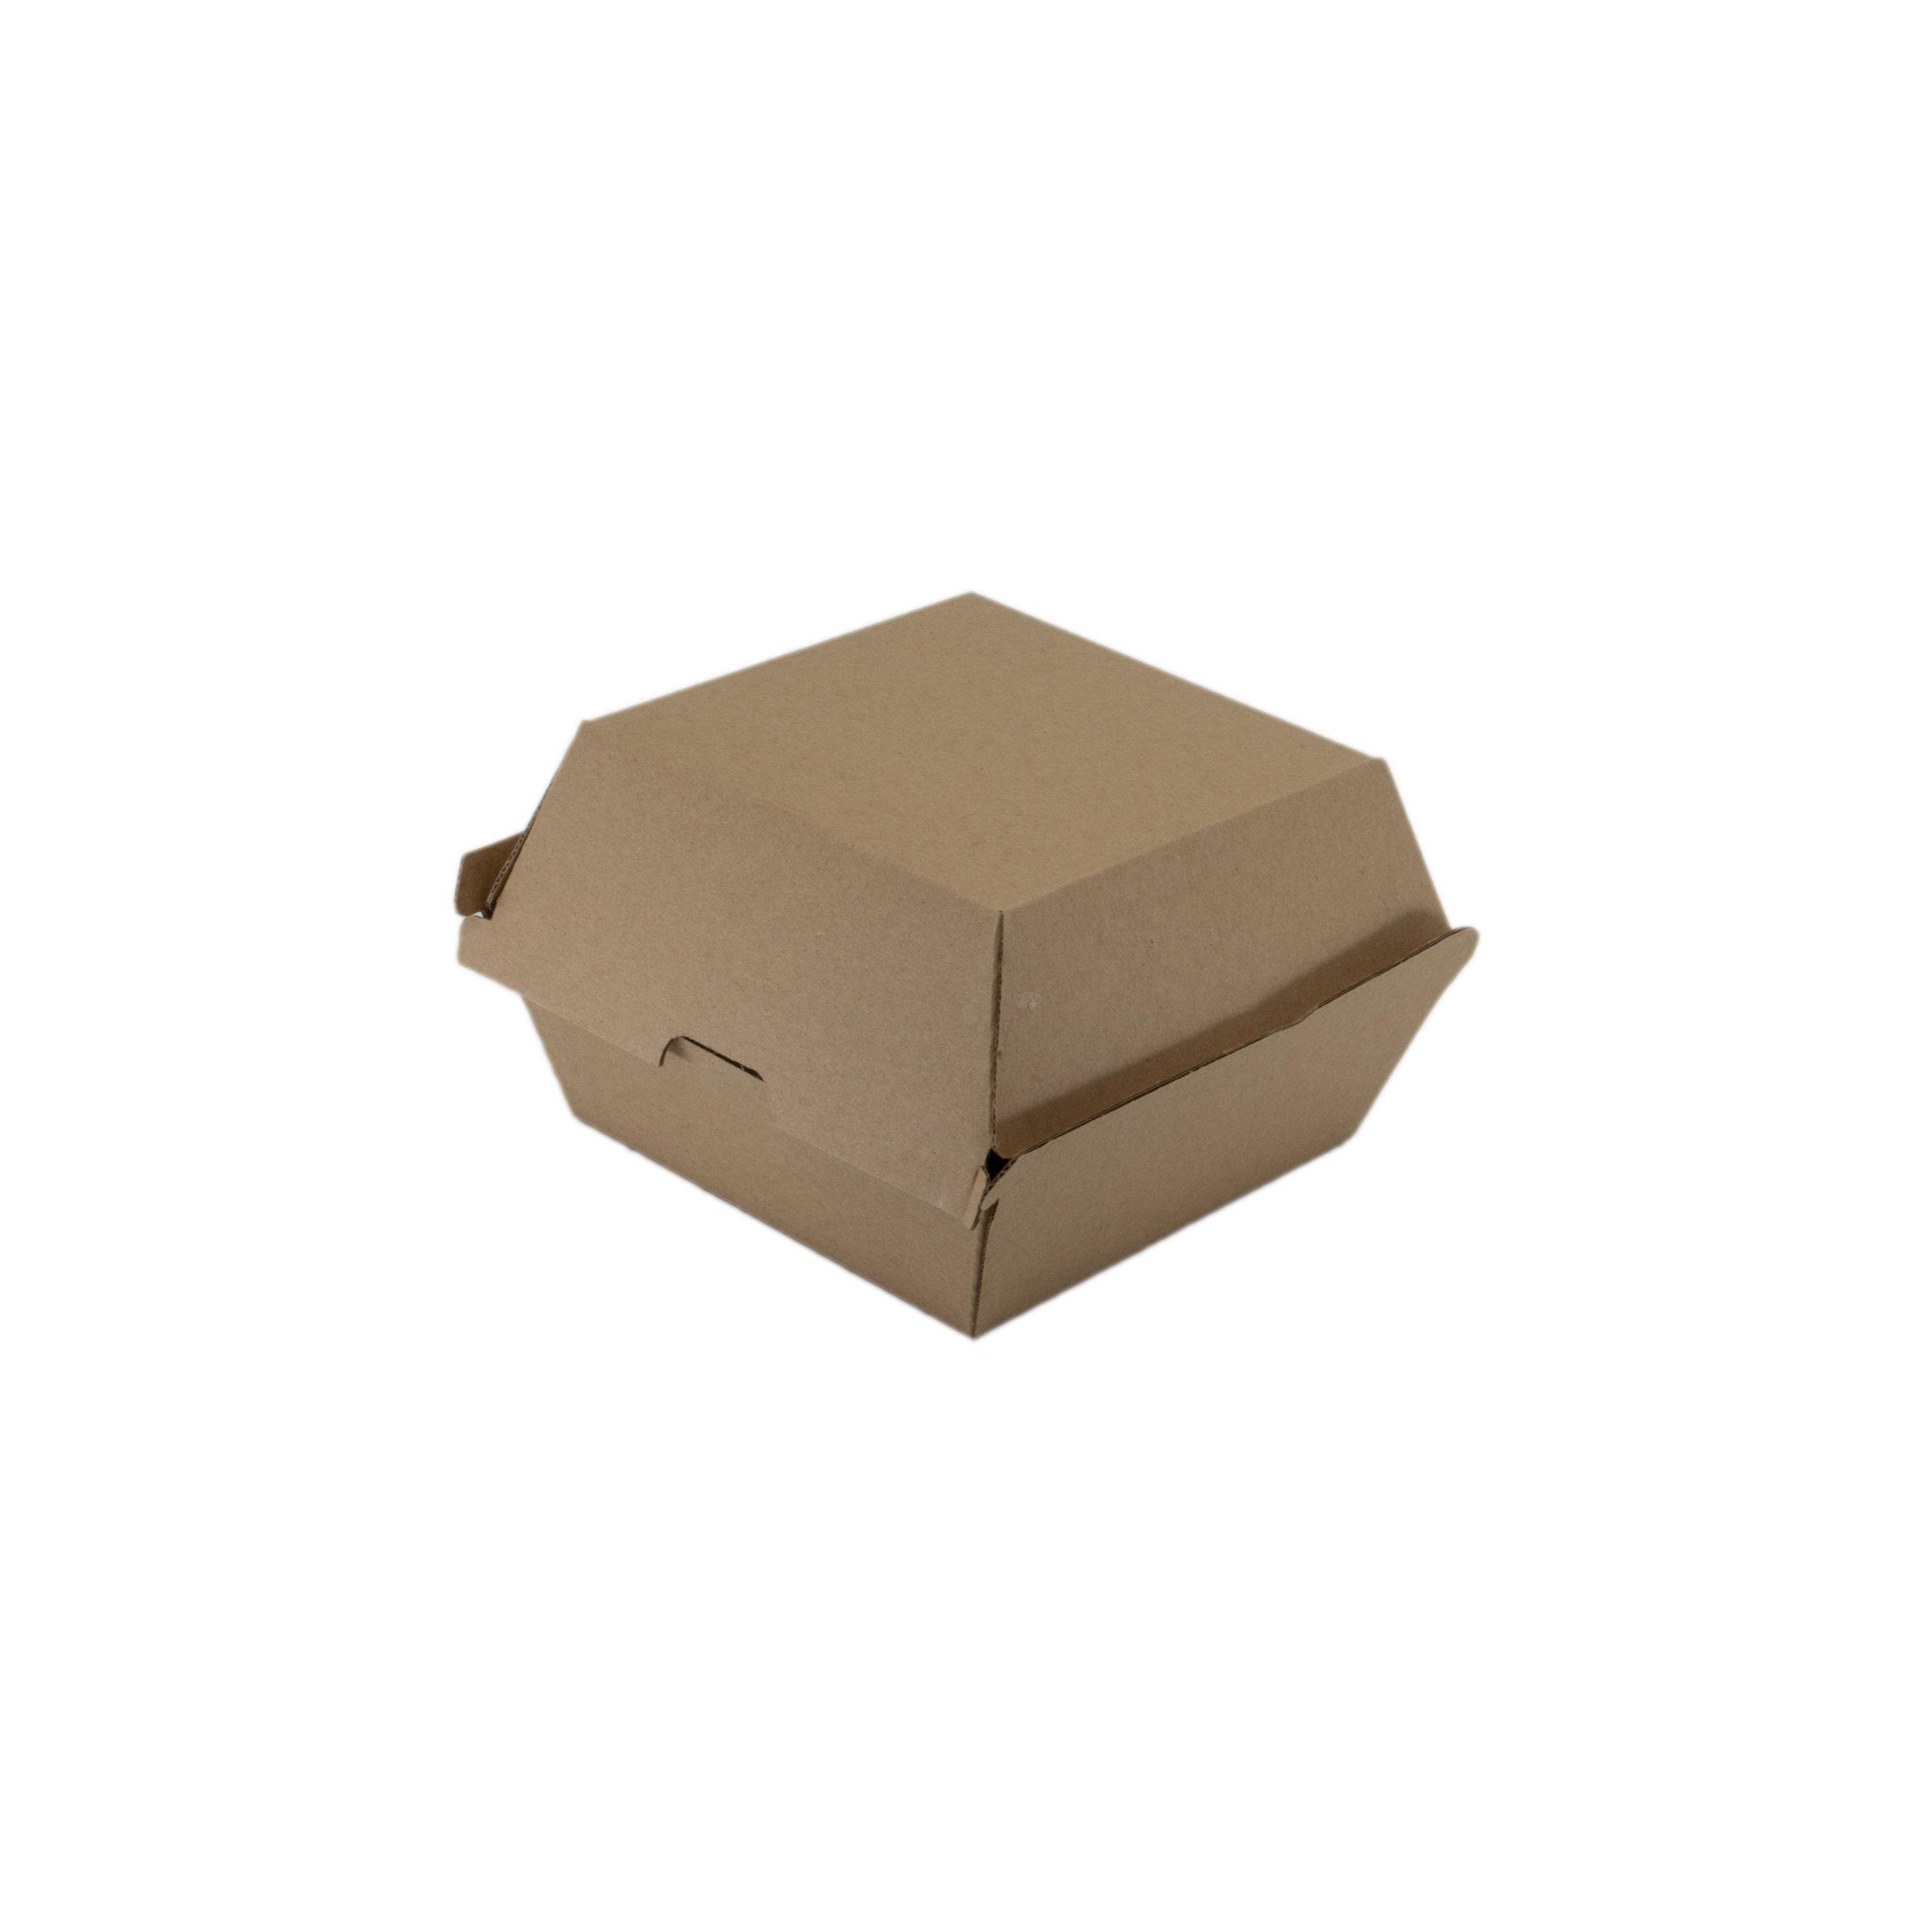 iK-EBB2 Jumbo Burger Box   120x120x100mm  4x50 slv 200pcs